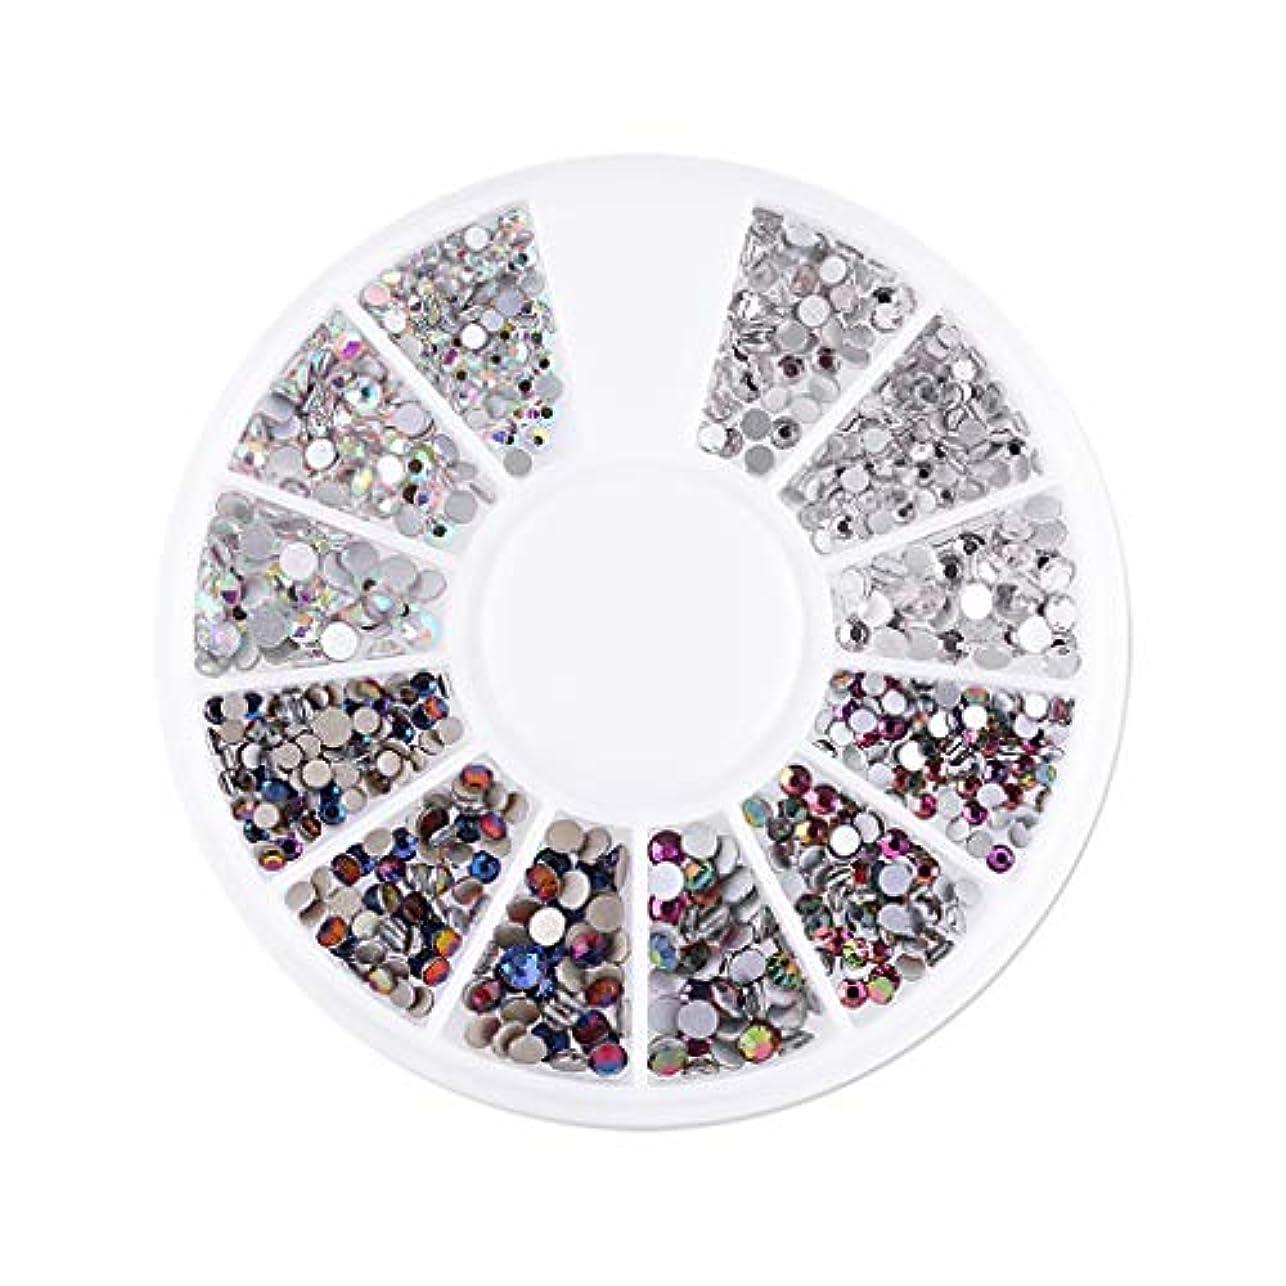 高齢者エイリアンどういたしましてPosmant 美容 ツール ネイル用品 ネイルドリル マニキュア ペディキュア 便利な 高品質 耐久性あり 携帯便利 ファッション パーティー 多目的 マニキュア メイク 複数の色 選択できます